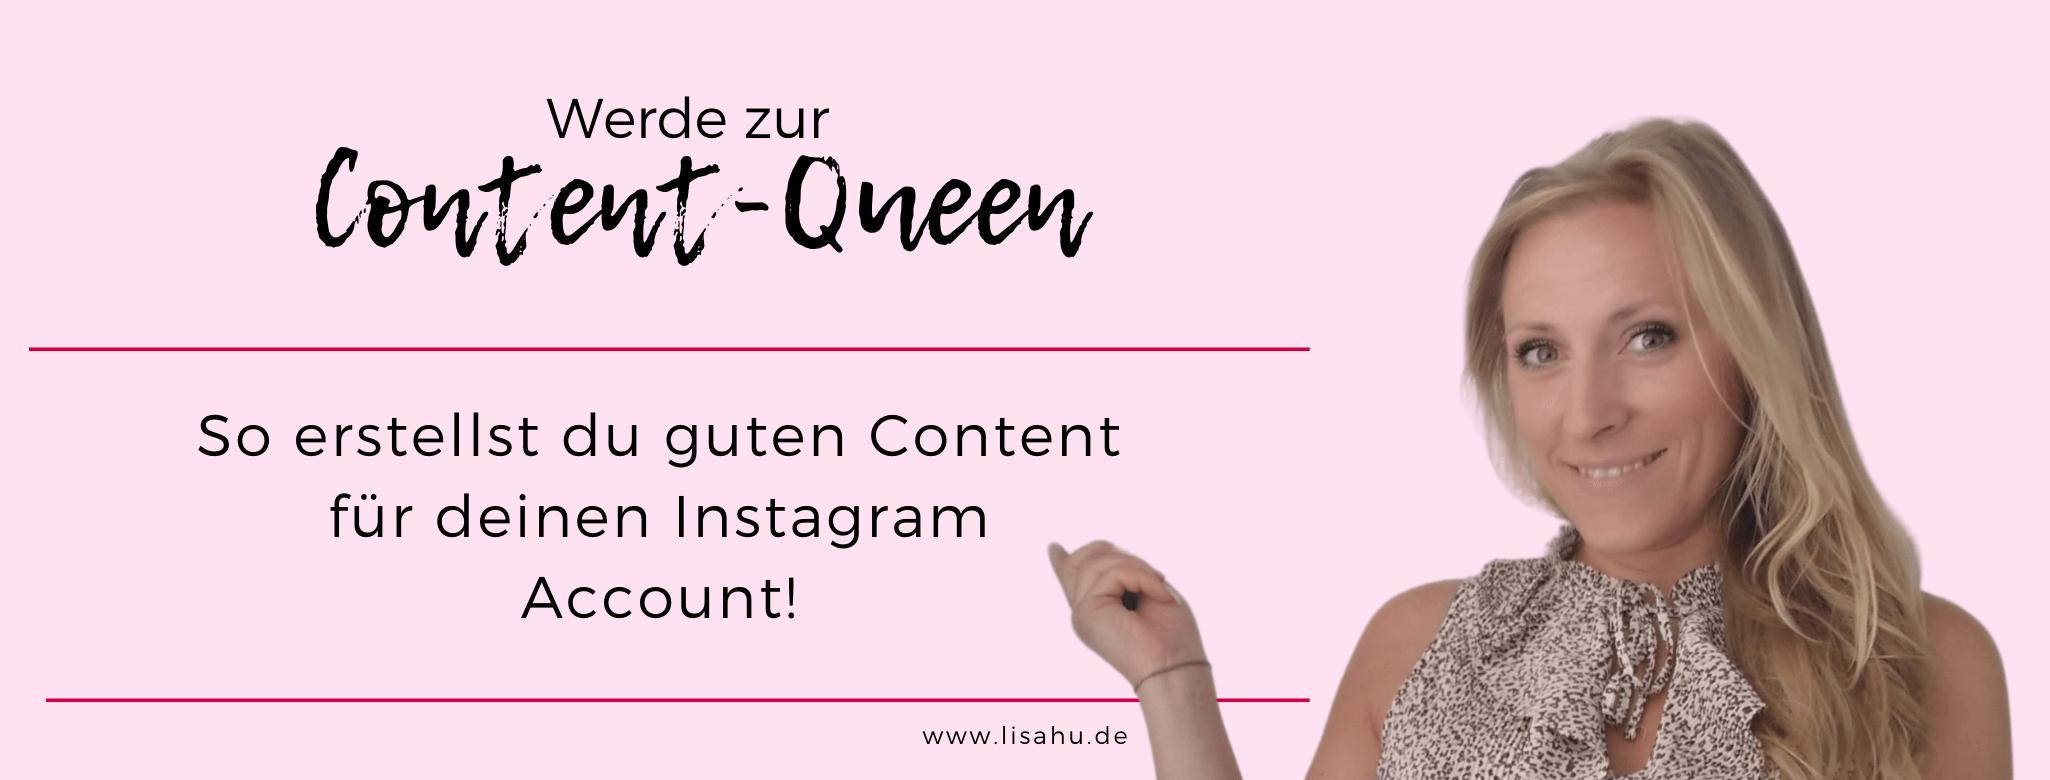 gute Beiträge für Instagram schreiben